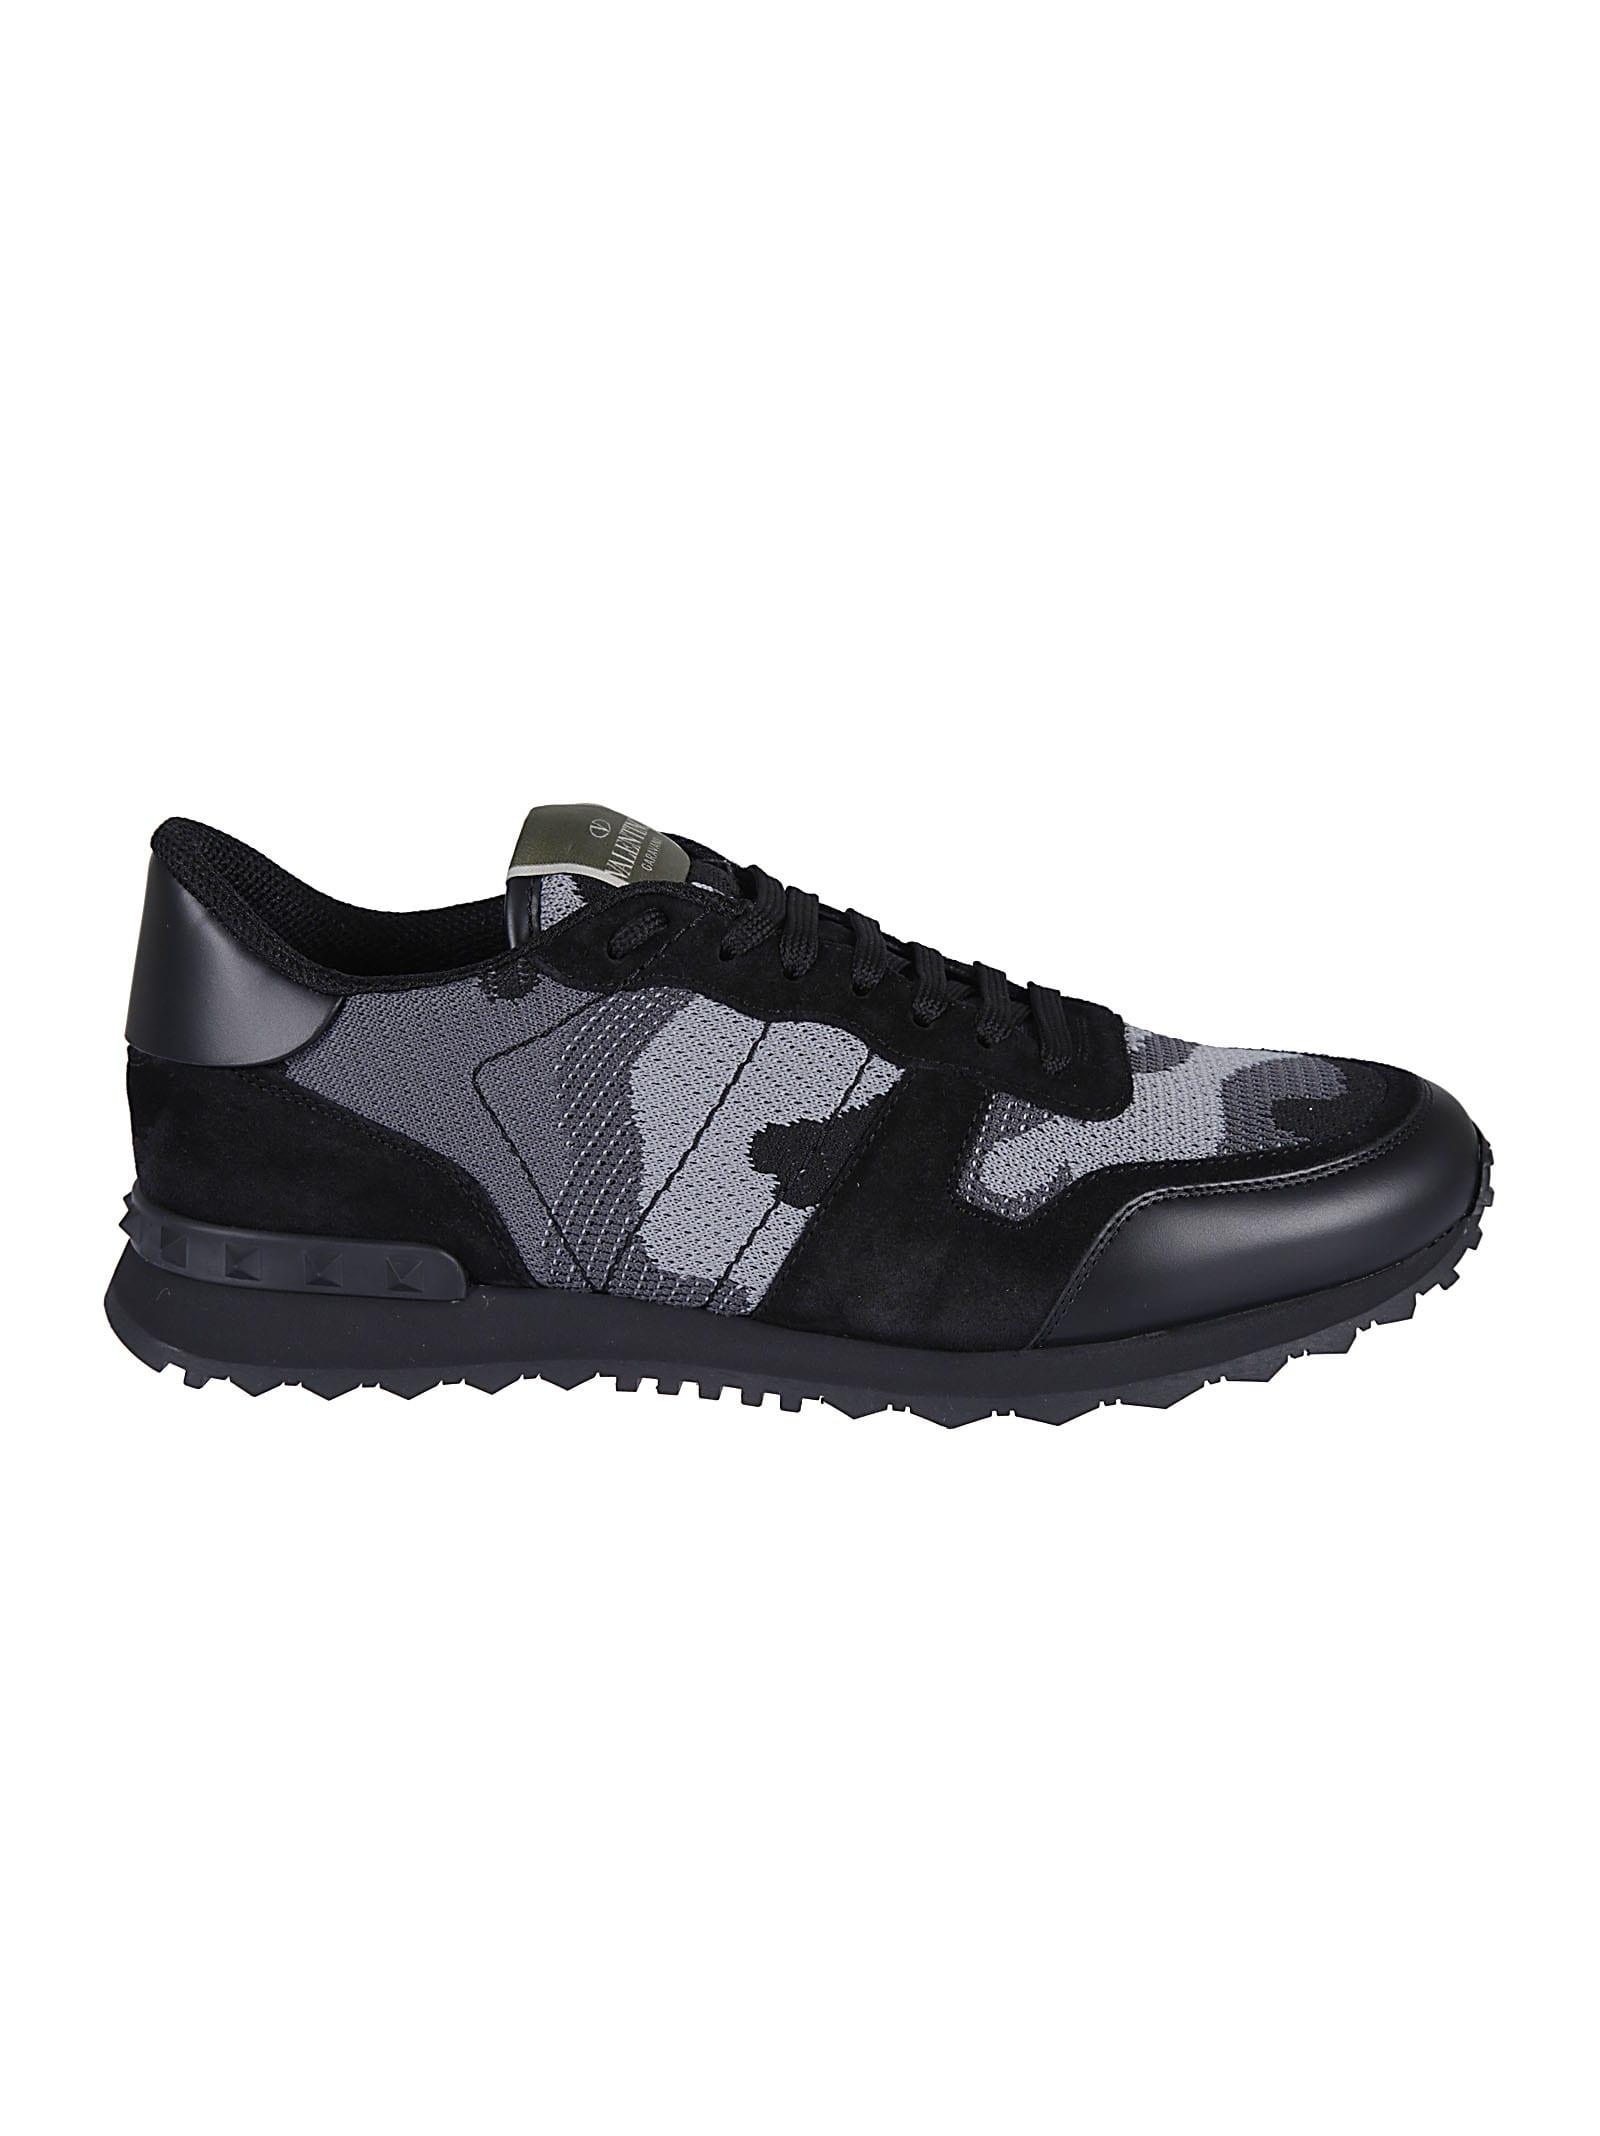 Valentino Garavani Camo Sneakers